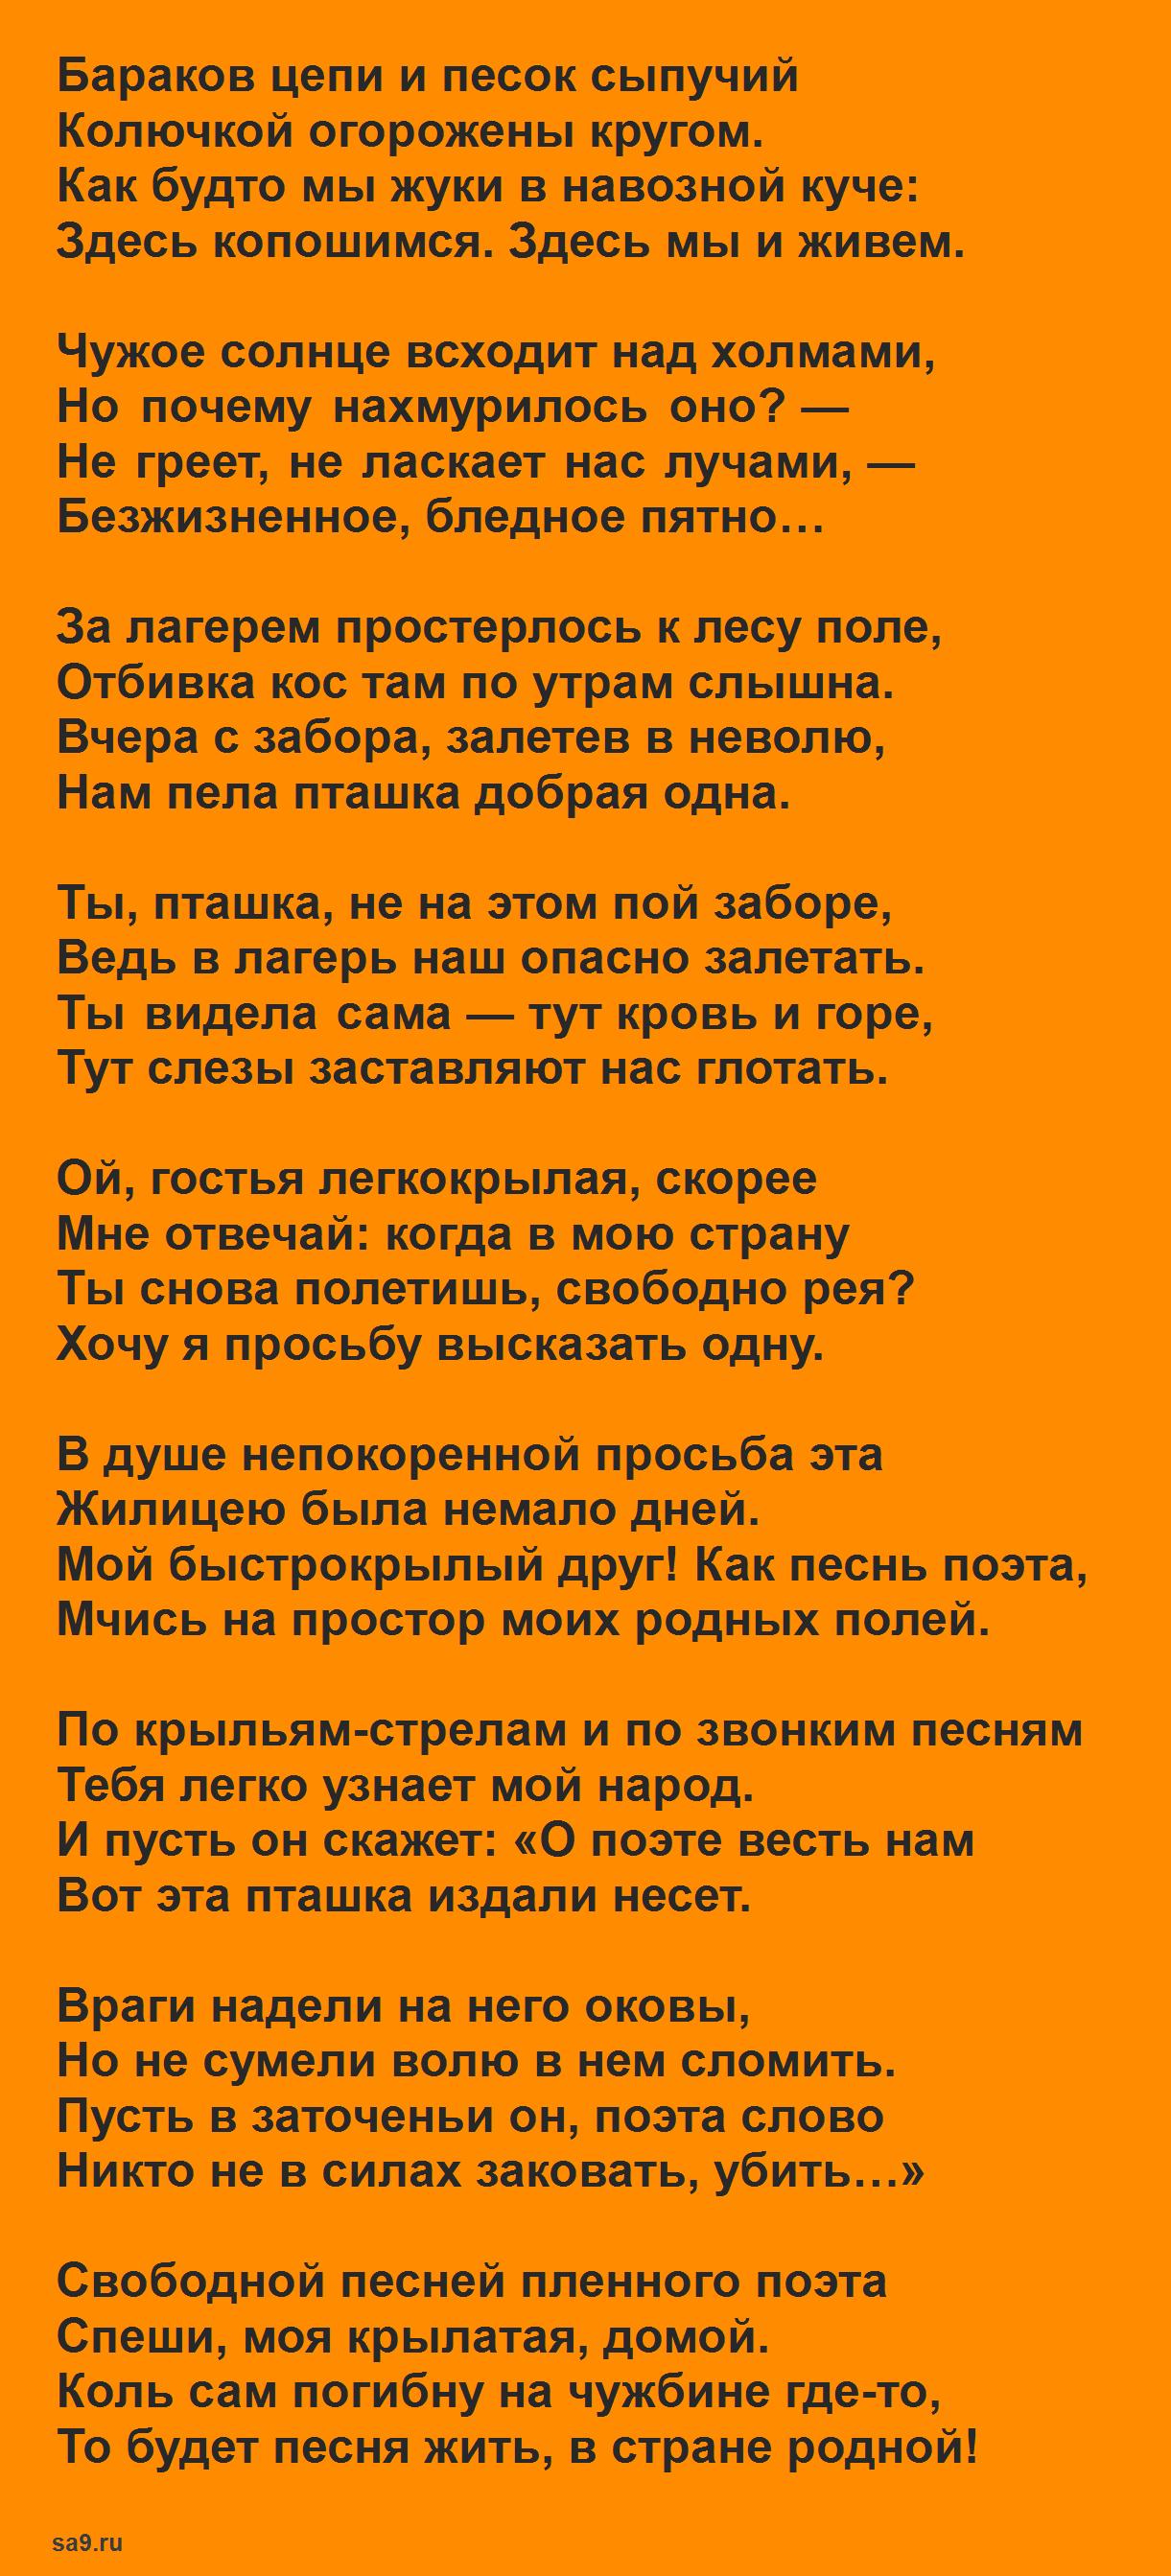 Муса Джалиль Моабитская тетрадь стихи - Пташка